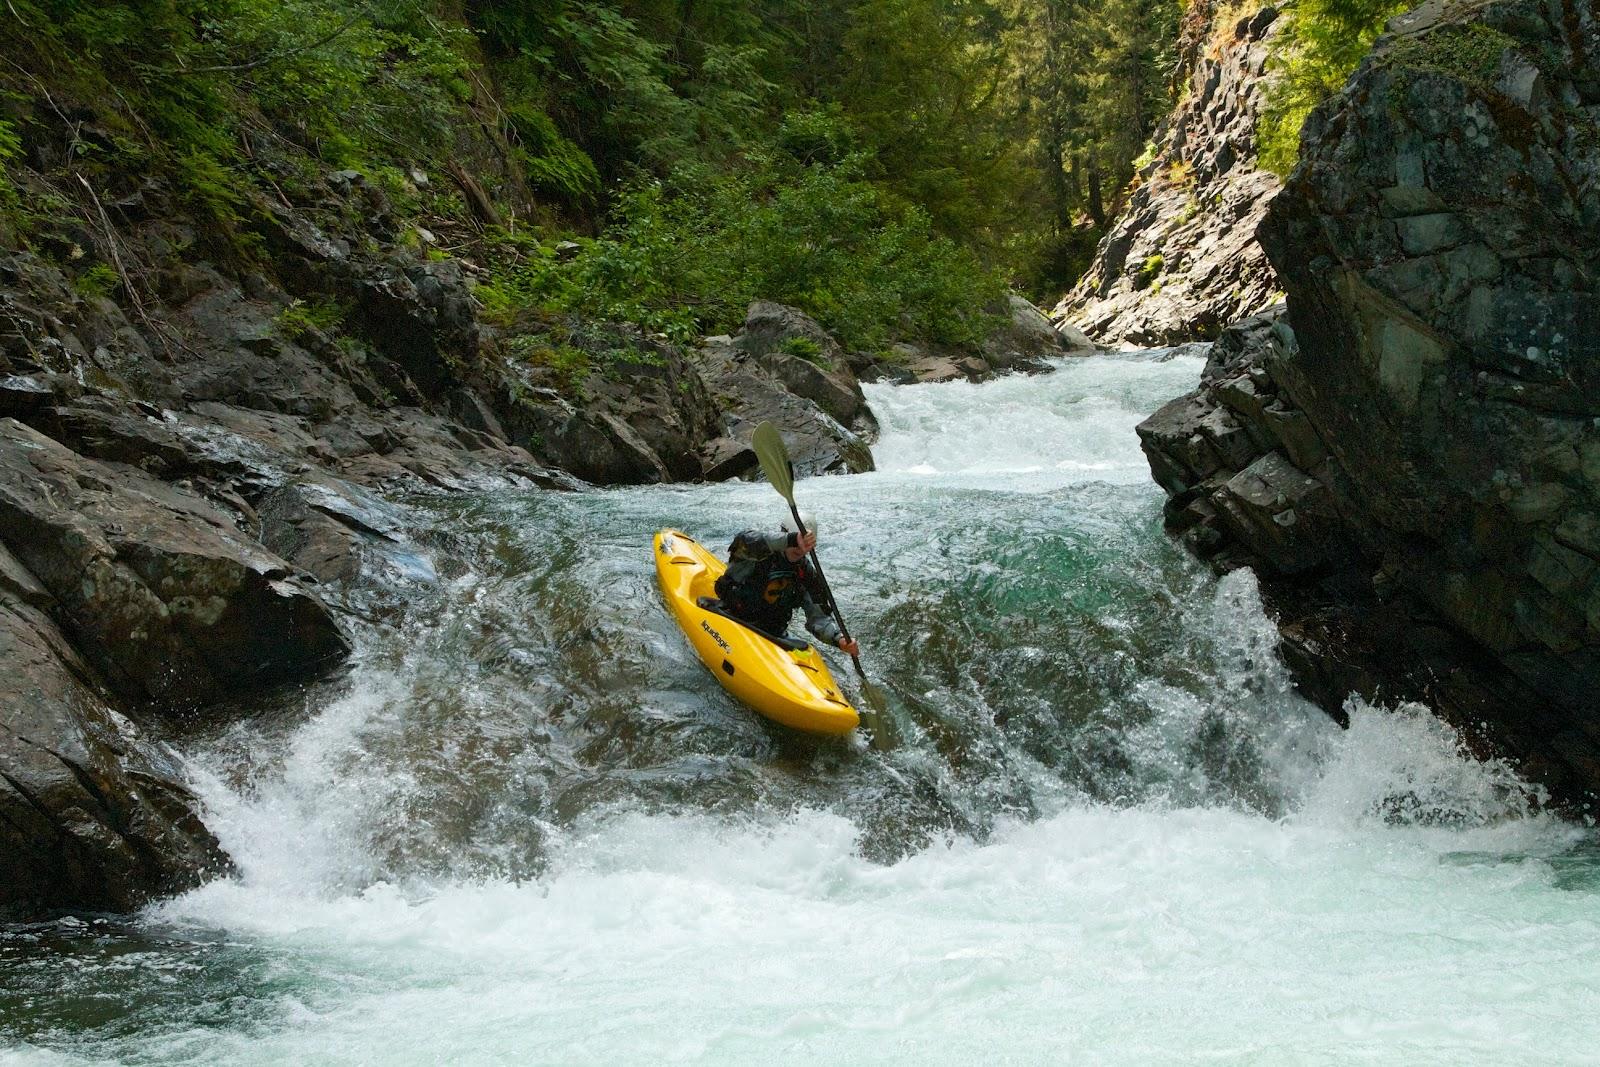 River Kayaking Wallpaper